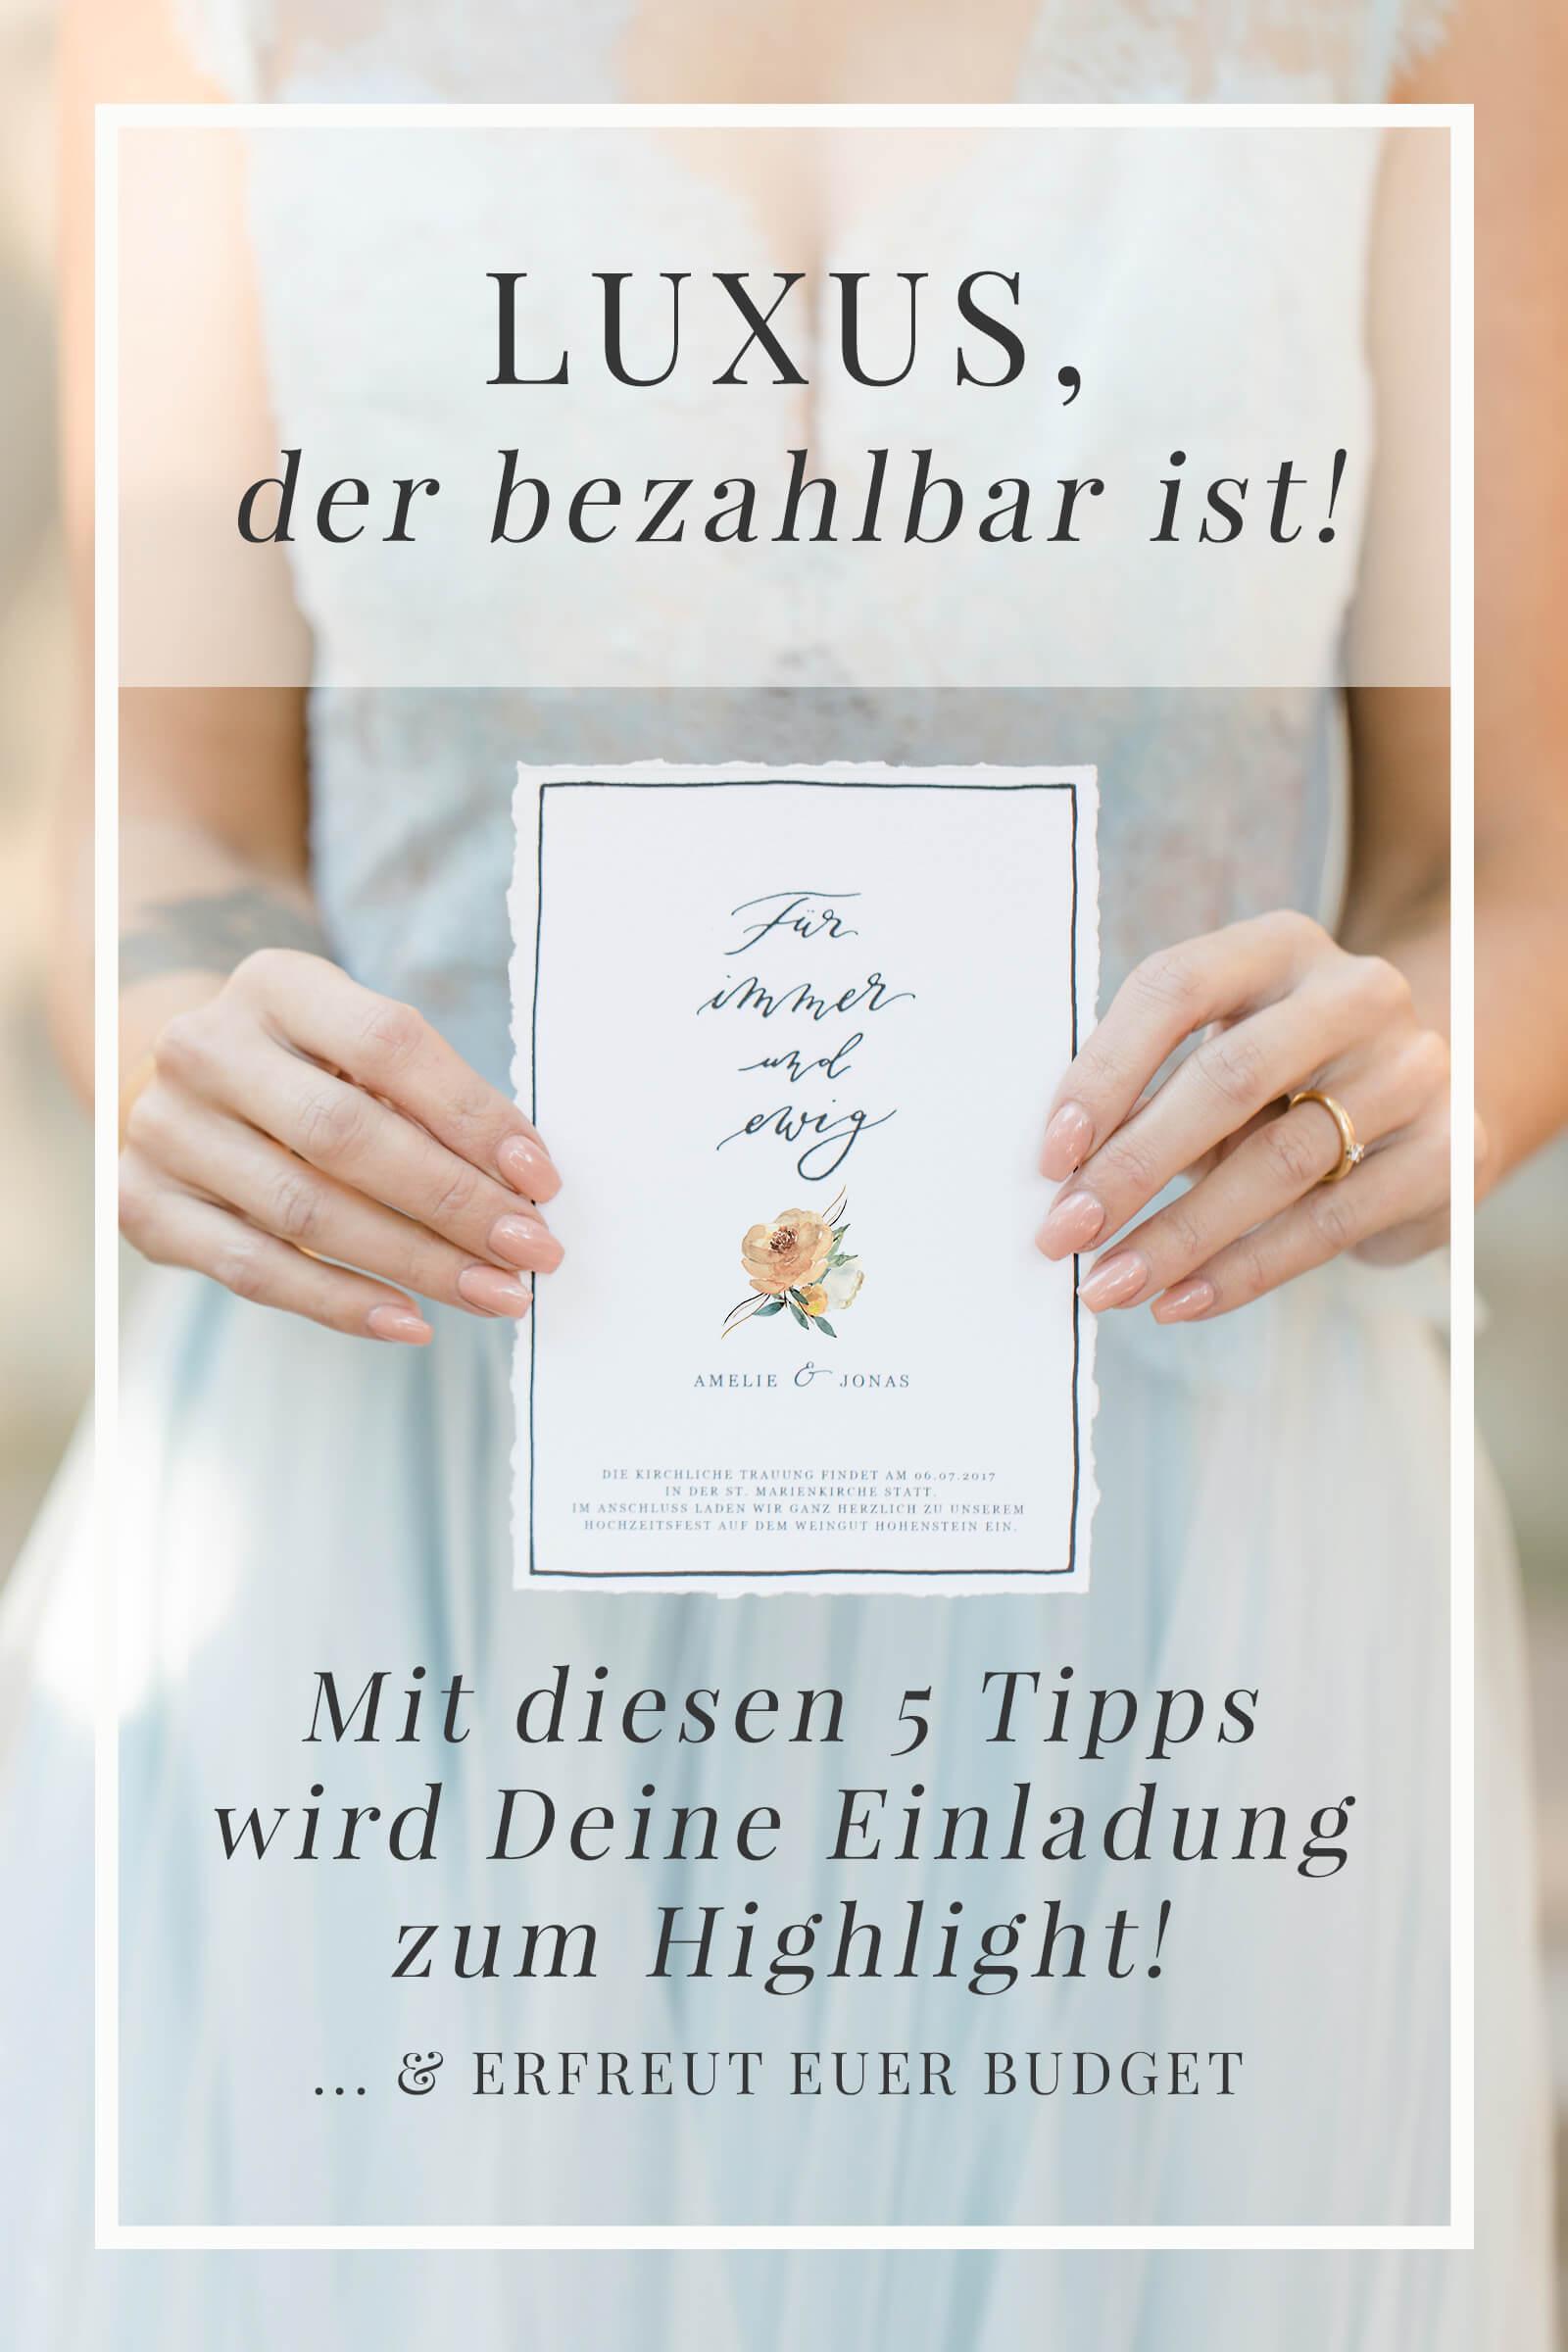 Kalligraphie Kalligrafie Luxus Einladung Hochzeitseinladung Strandhochzeit Meer günstig text ausgefallen spitze Vintage drucken sprüche diy set kraftpapier